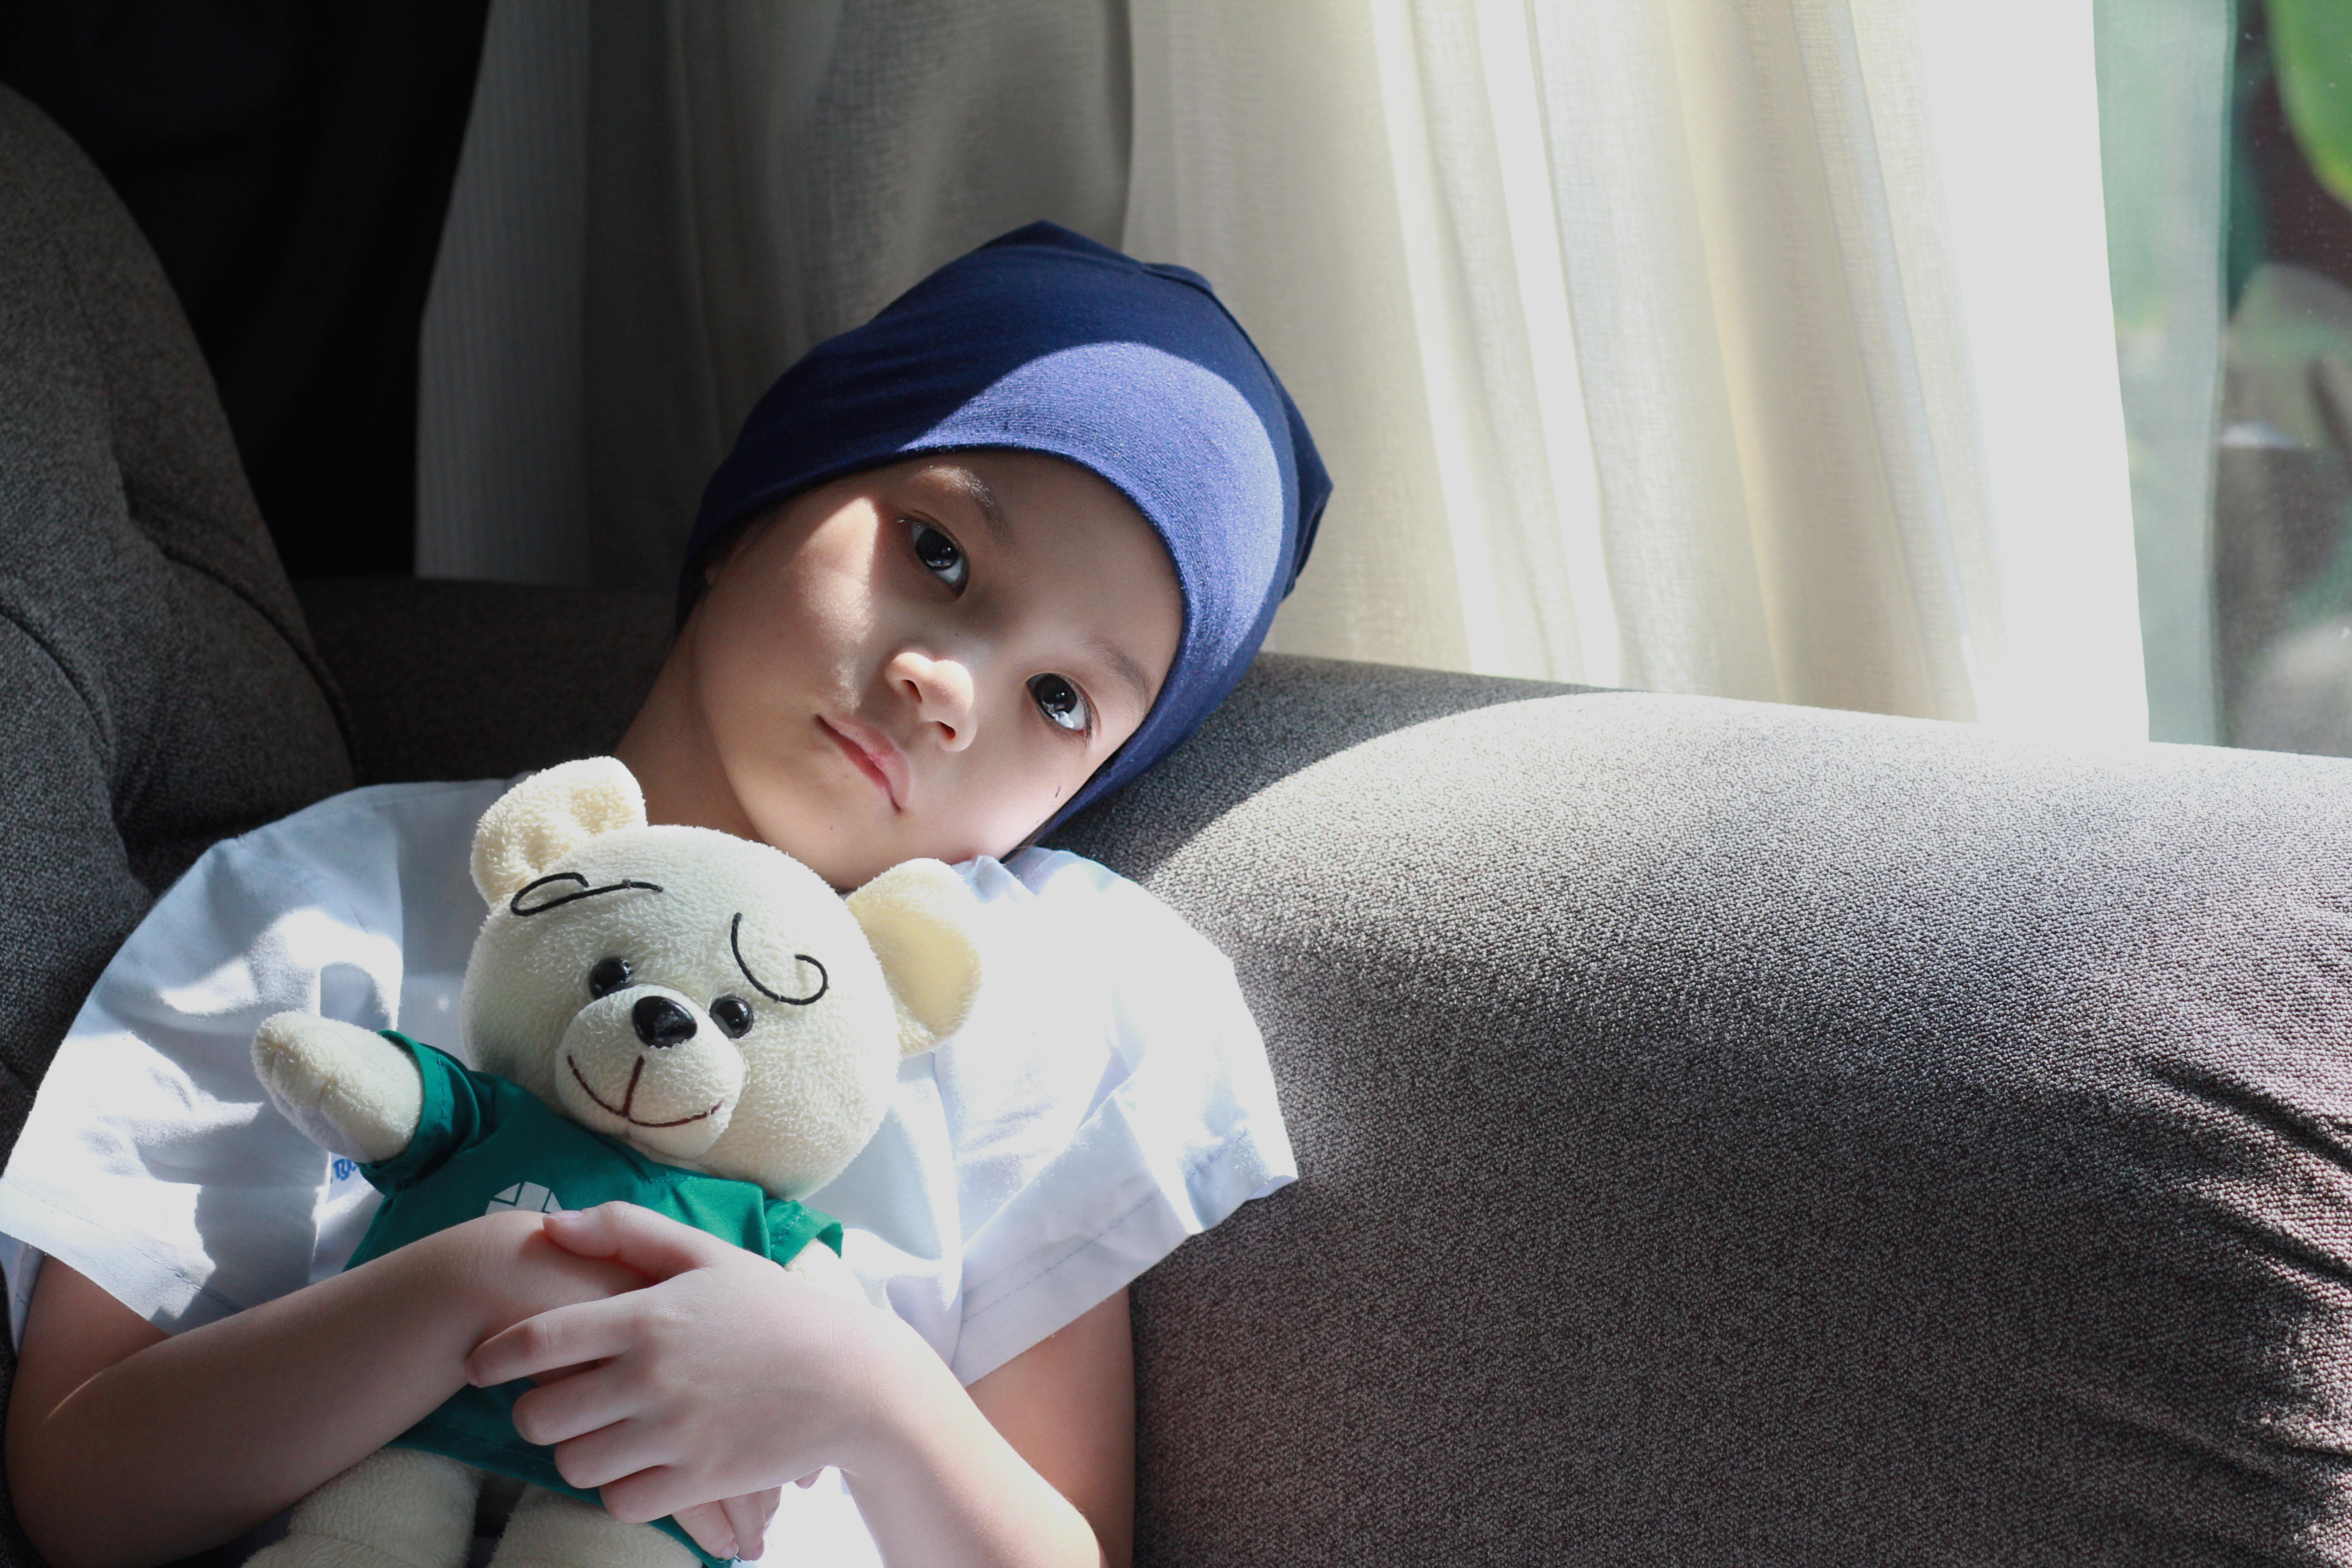 När barn insjuknar i cancer blir familj, vårdpersonal och kanske favoritgosedjuret ett viktigt stöd.